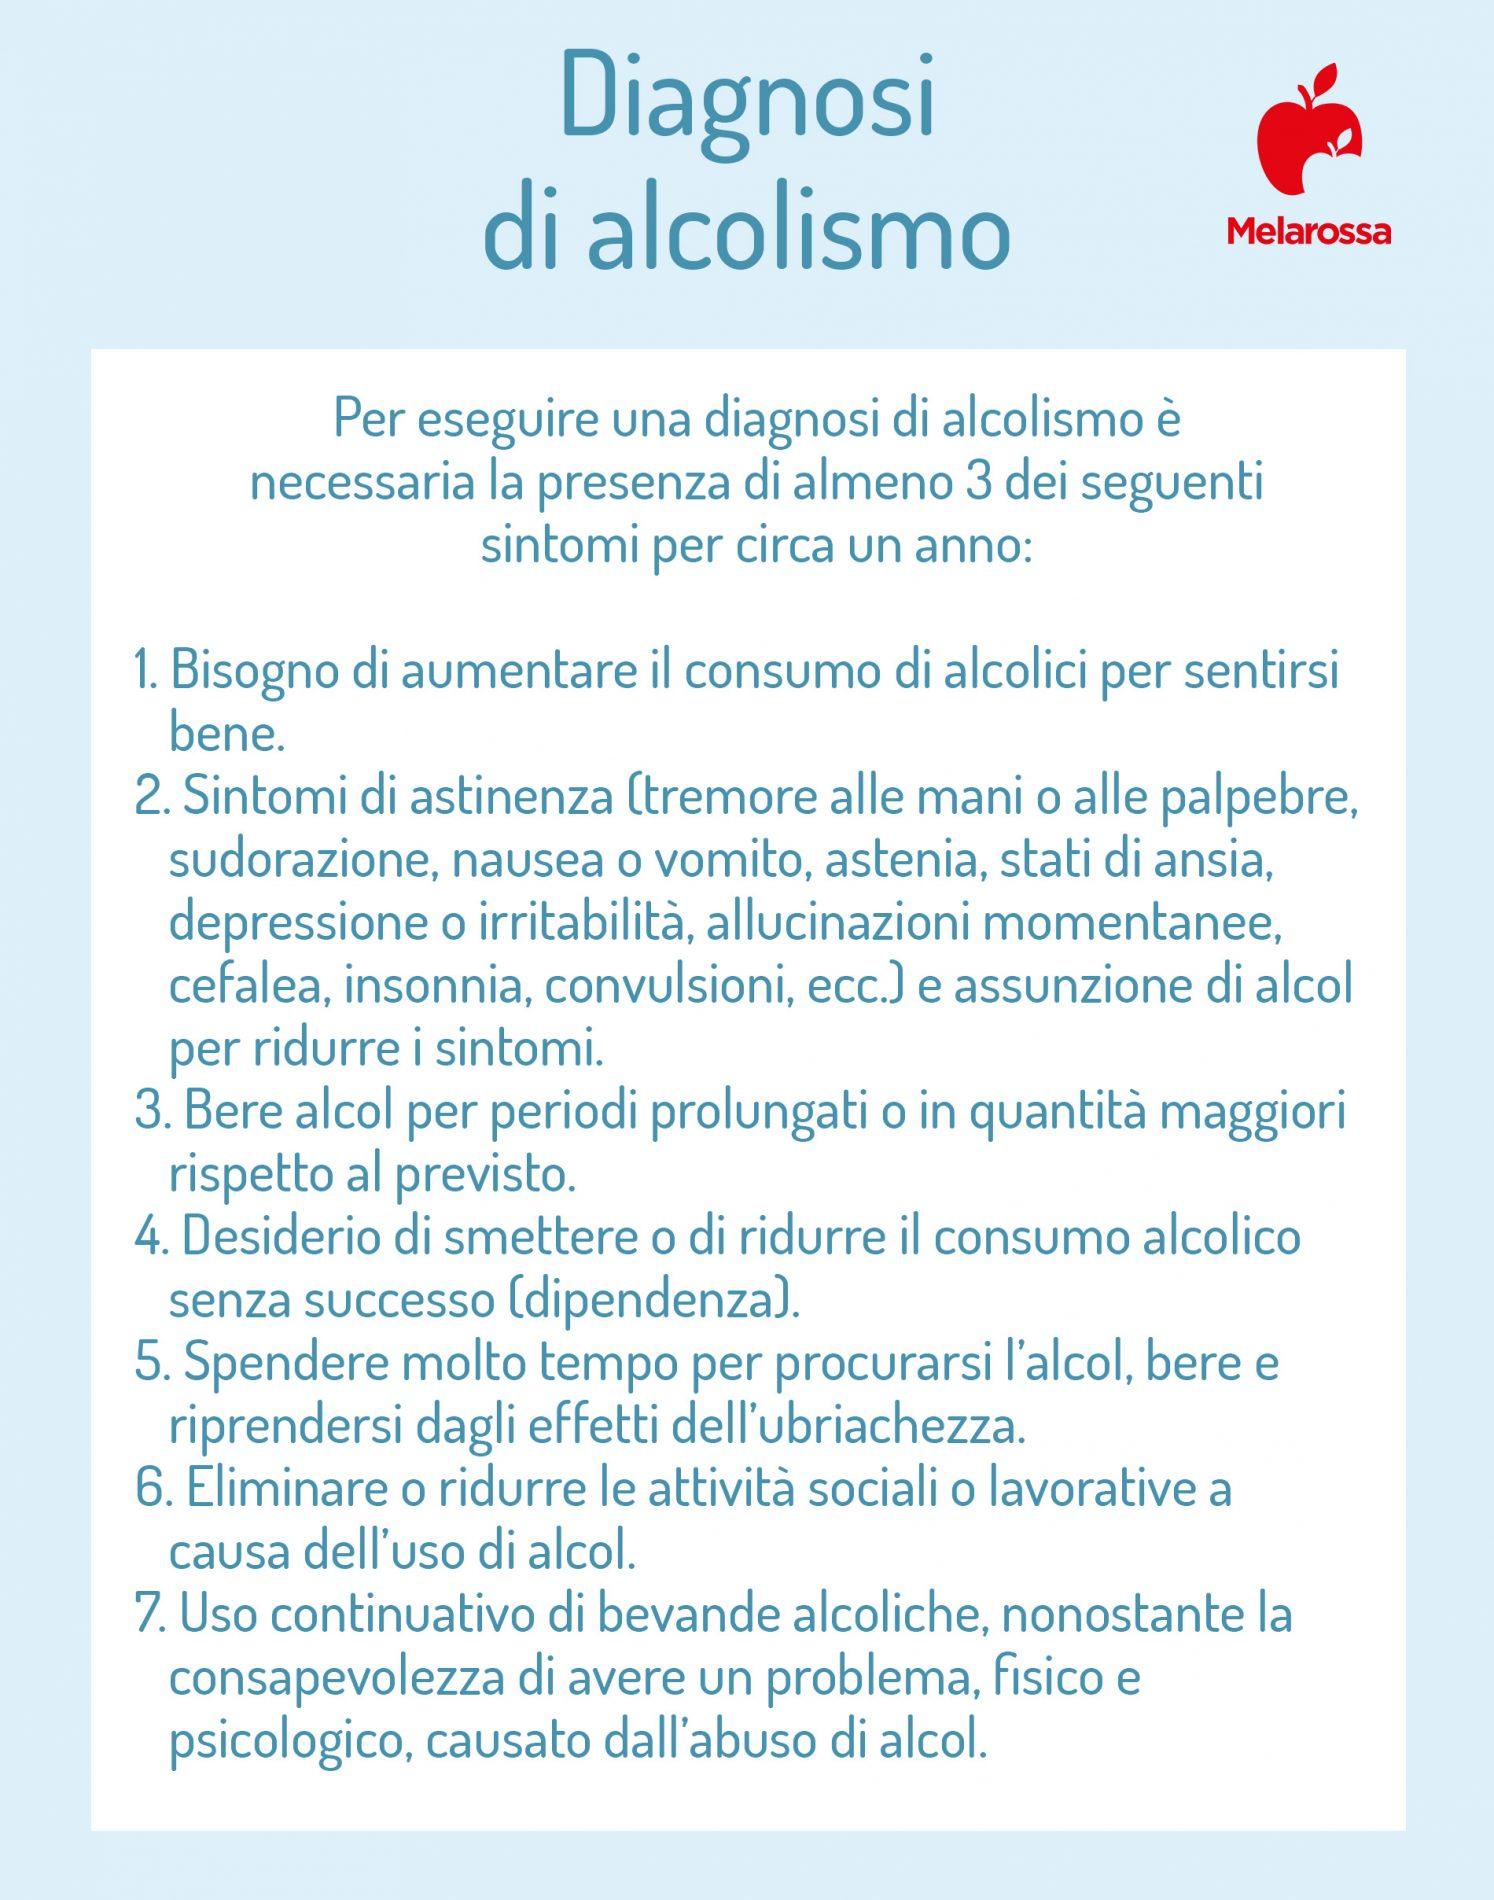 alcolismo: diagnosi